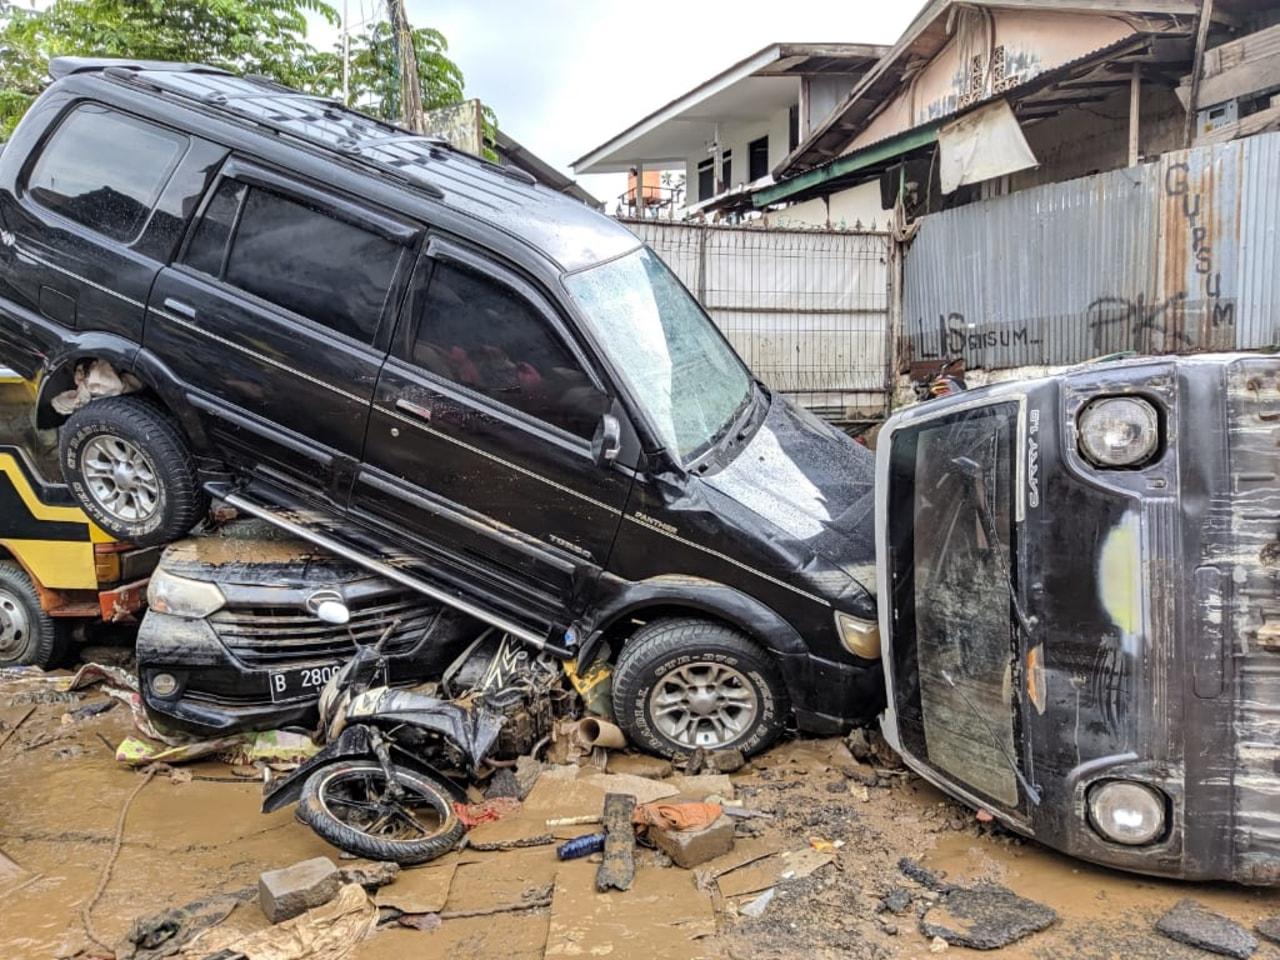 Mobil yang rusak terdampak banjir